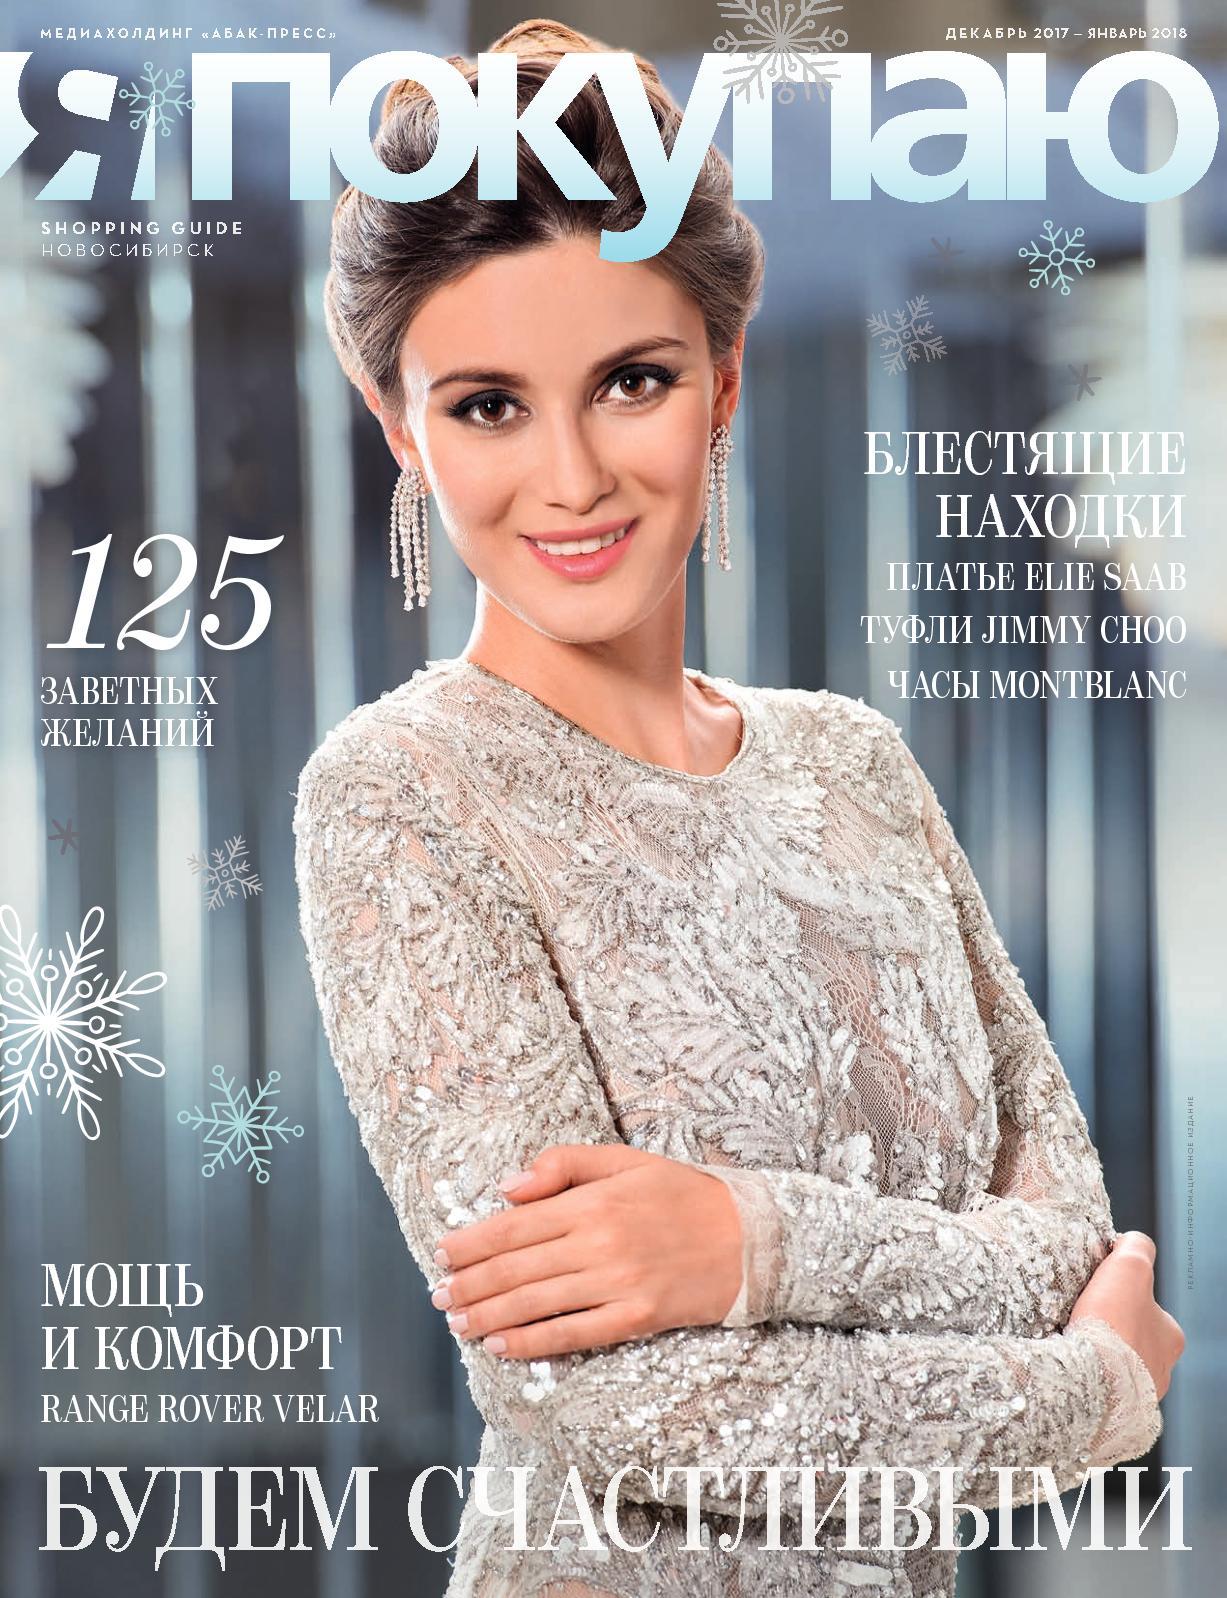 f4bf89968926504 Calaméo - Новогодний номер Shopping Guide «Я Покупаю» Новосибирск – Декабрь  2017 – Январь 2018